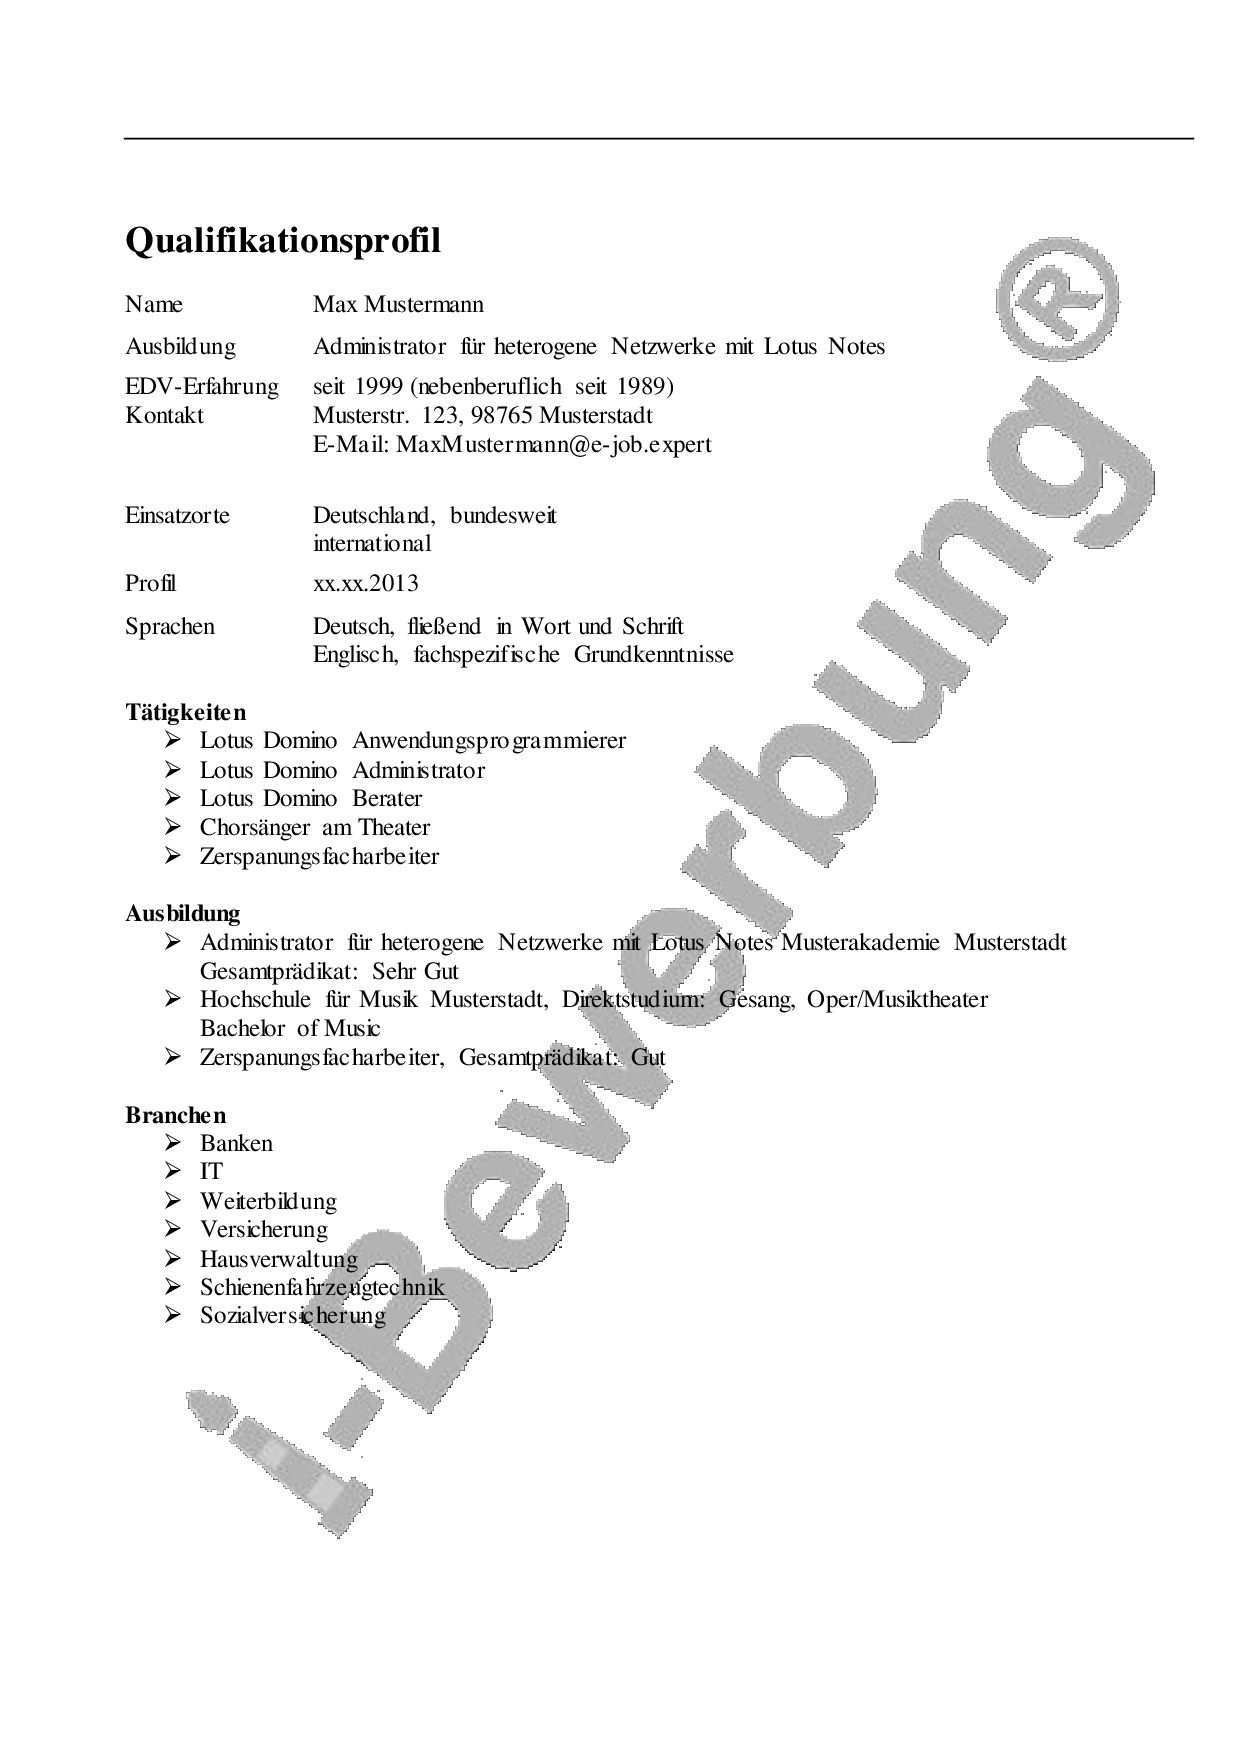 Initiativbewerbung Als Anwendungsprogrammierer Qualifikationsprofil Bewerbung Profil Grundkenntnisse